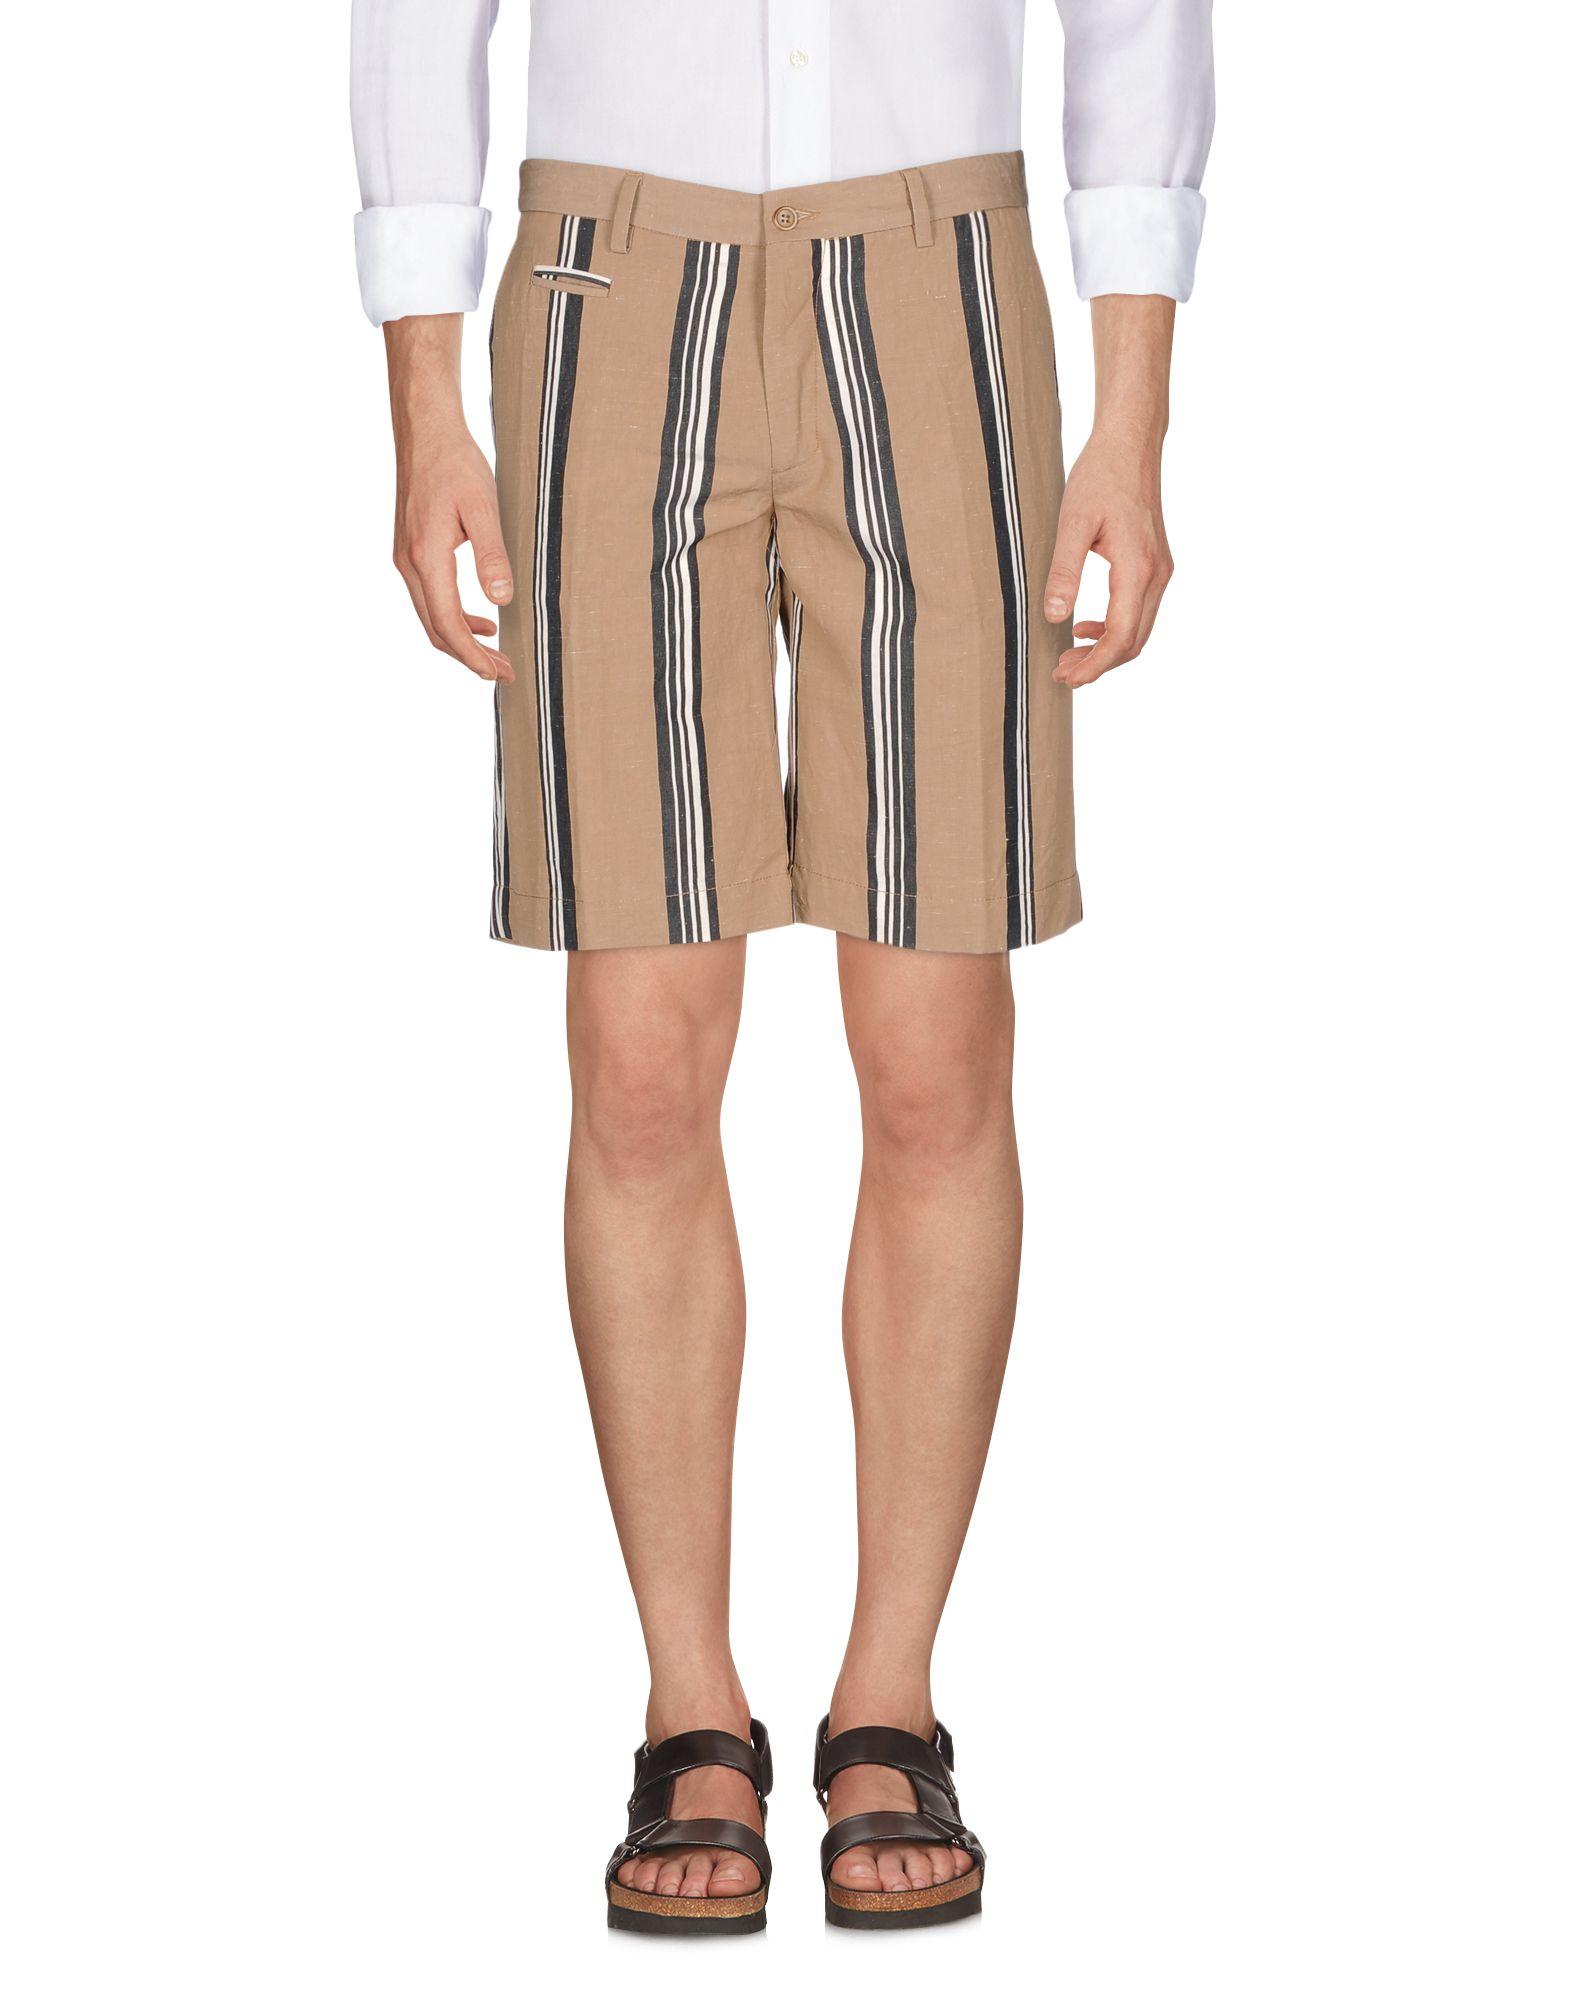 Shorts 1973 & Bermuda Altea Dal 1973 Shorts Uomo - 13117803EX b2bf5f